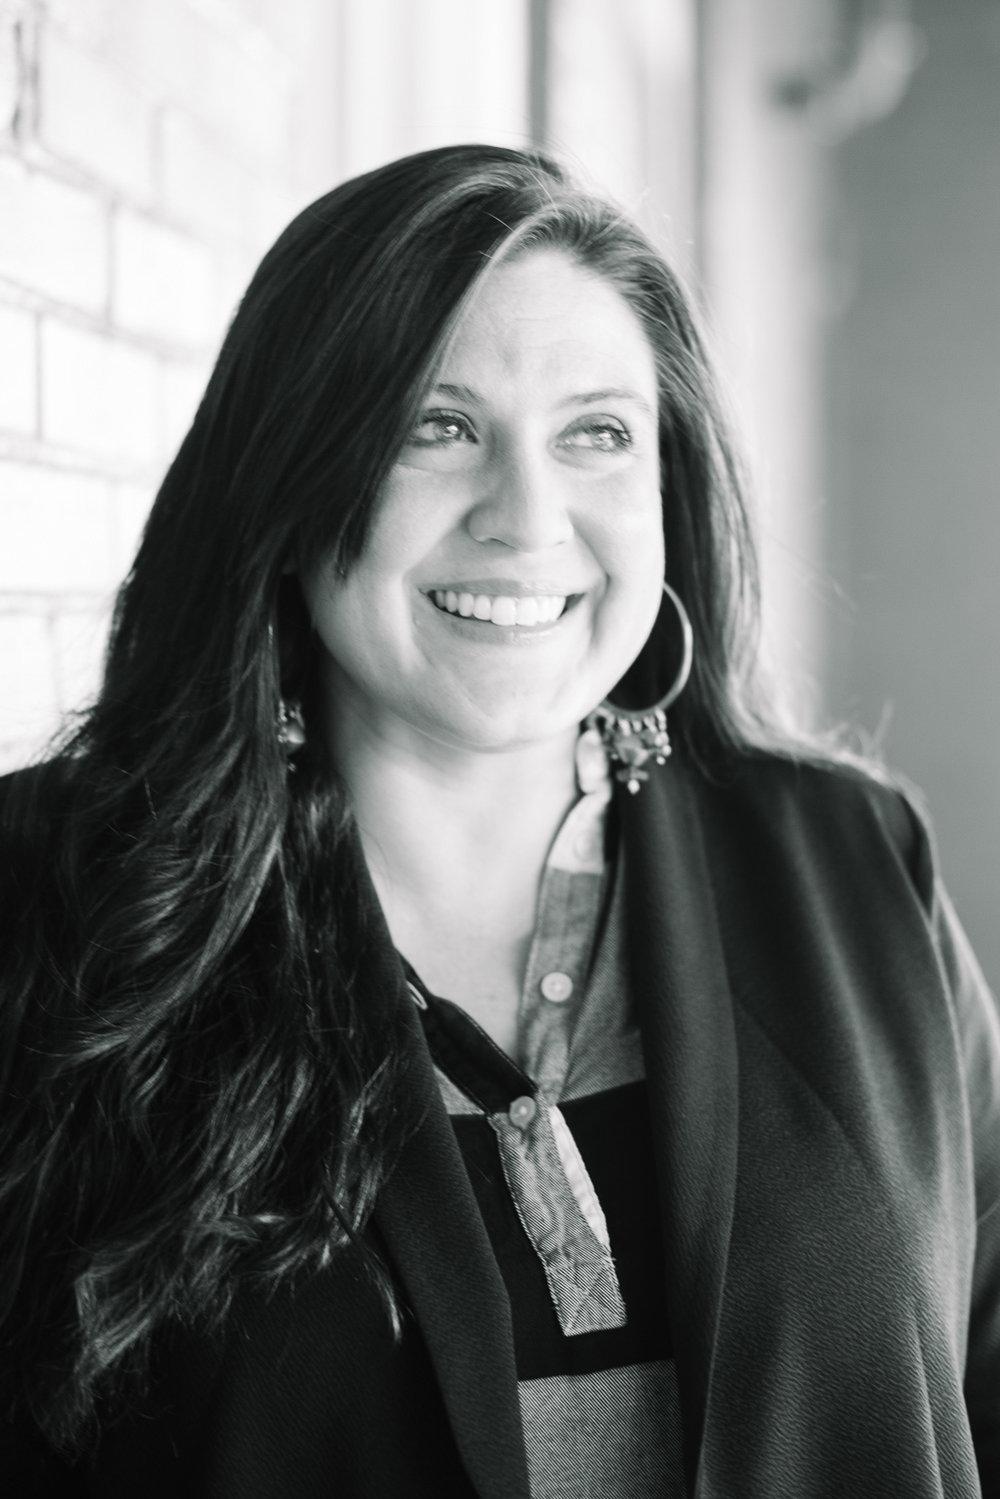 Brittany Kelly - Owner, Principal Designer